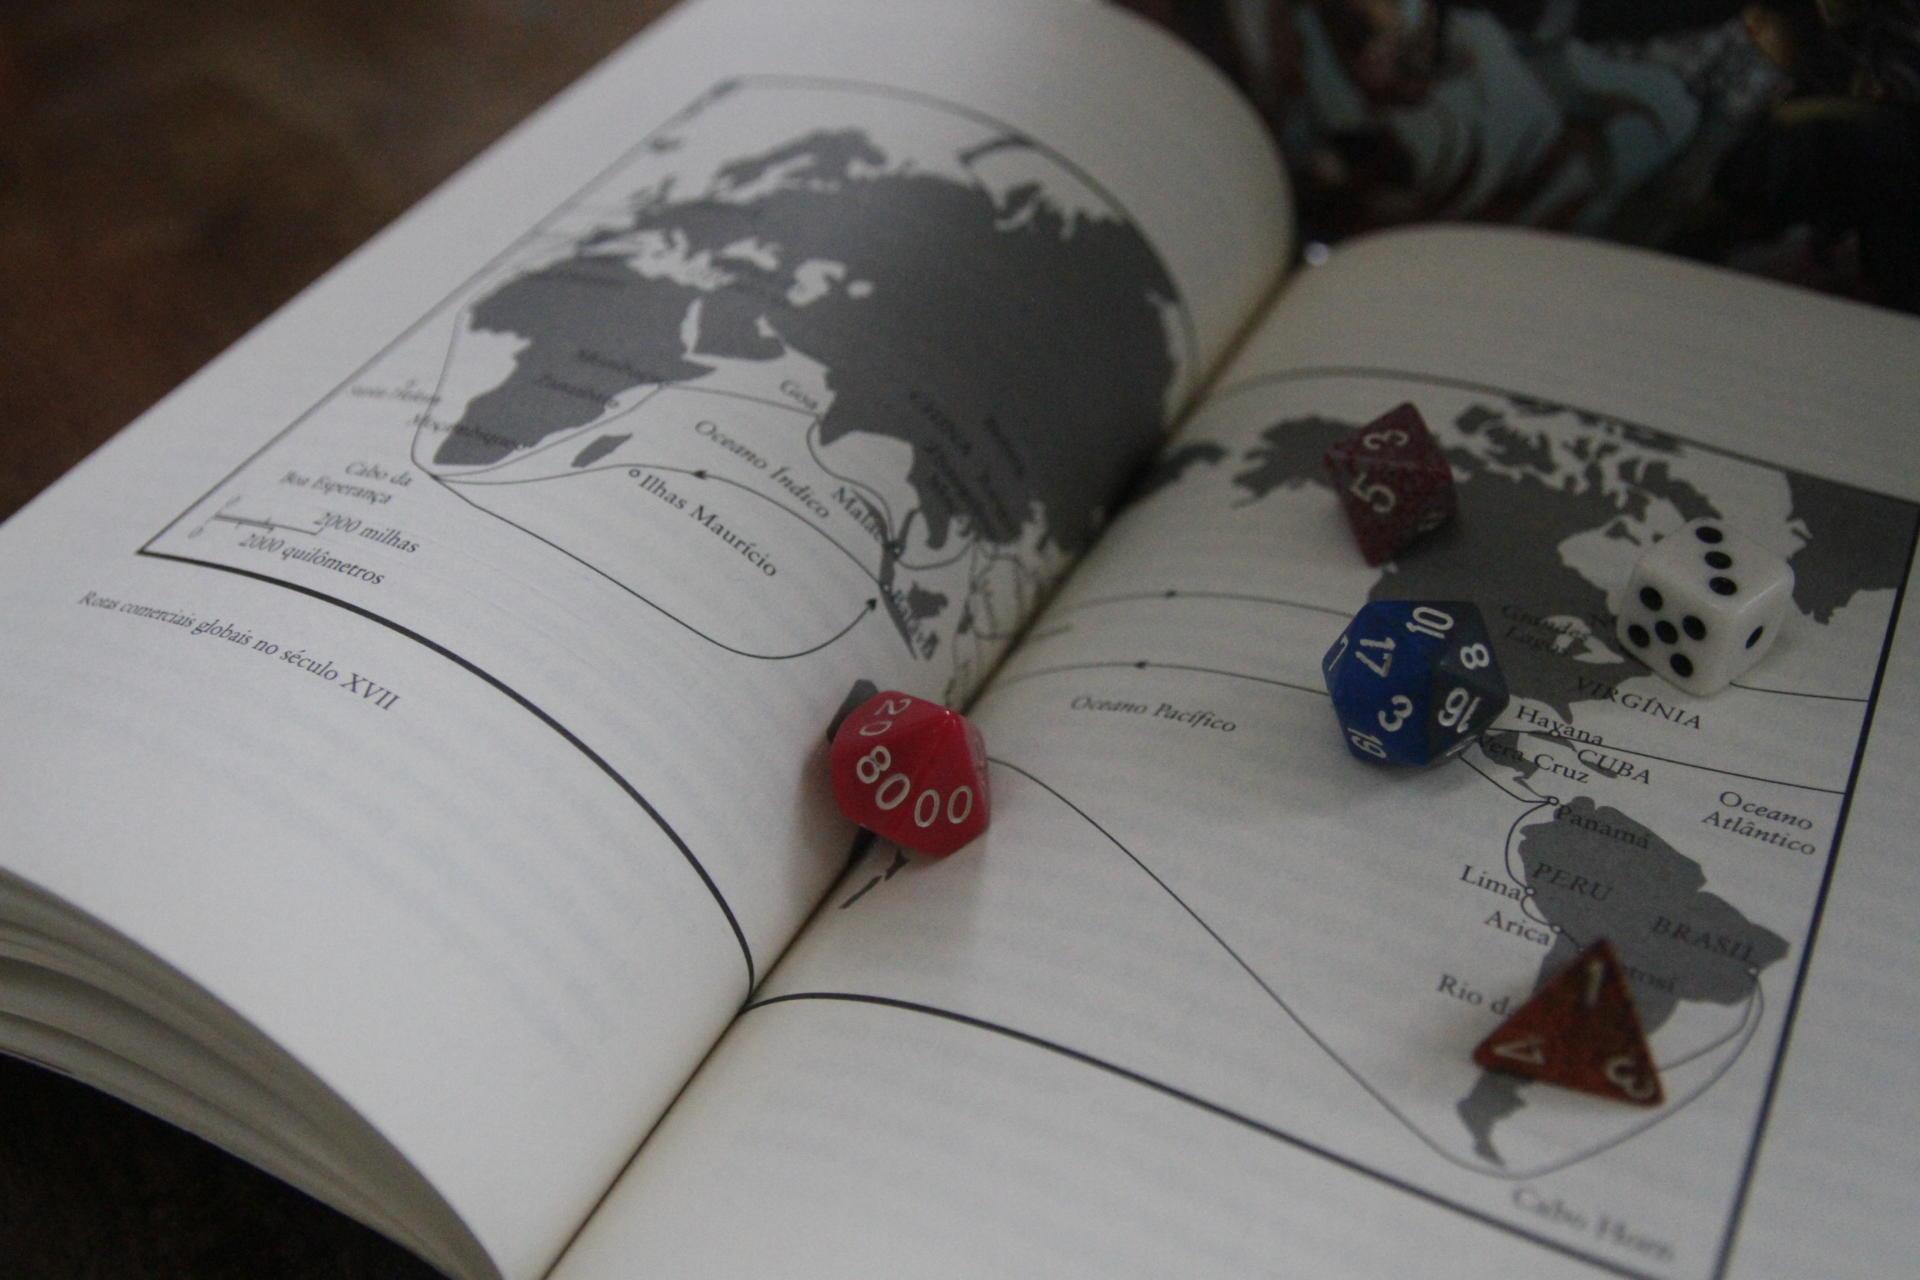 Foto colorida horizontal mostra páginas do livro abertas, com um desenho de mapa em preto e branco ocupando as duas páginas, e sobre o livro cinco diferentes dados